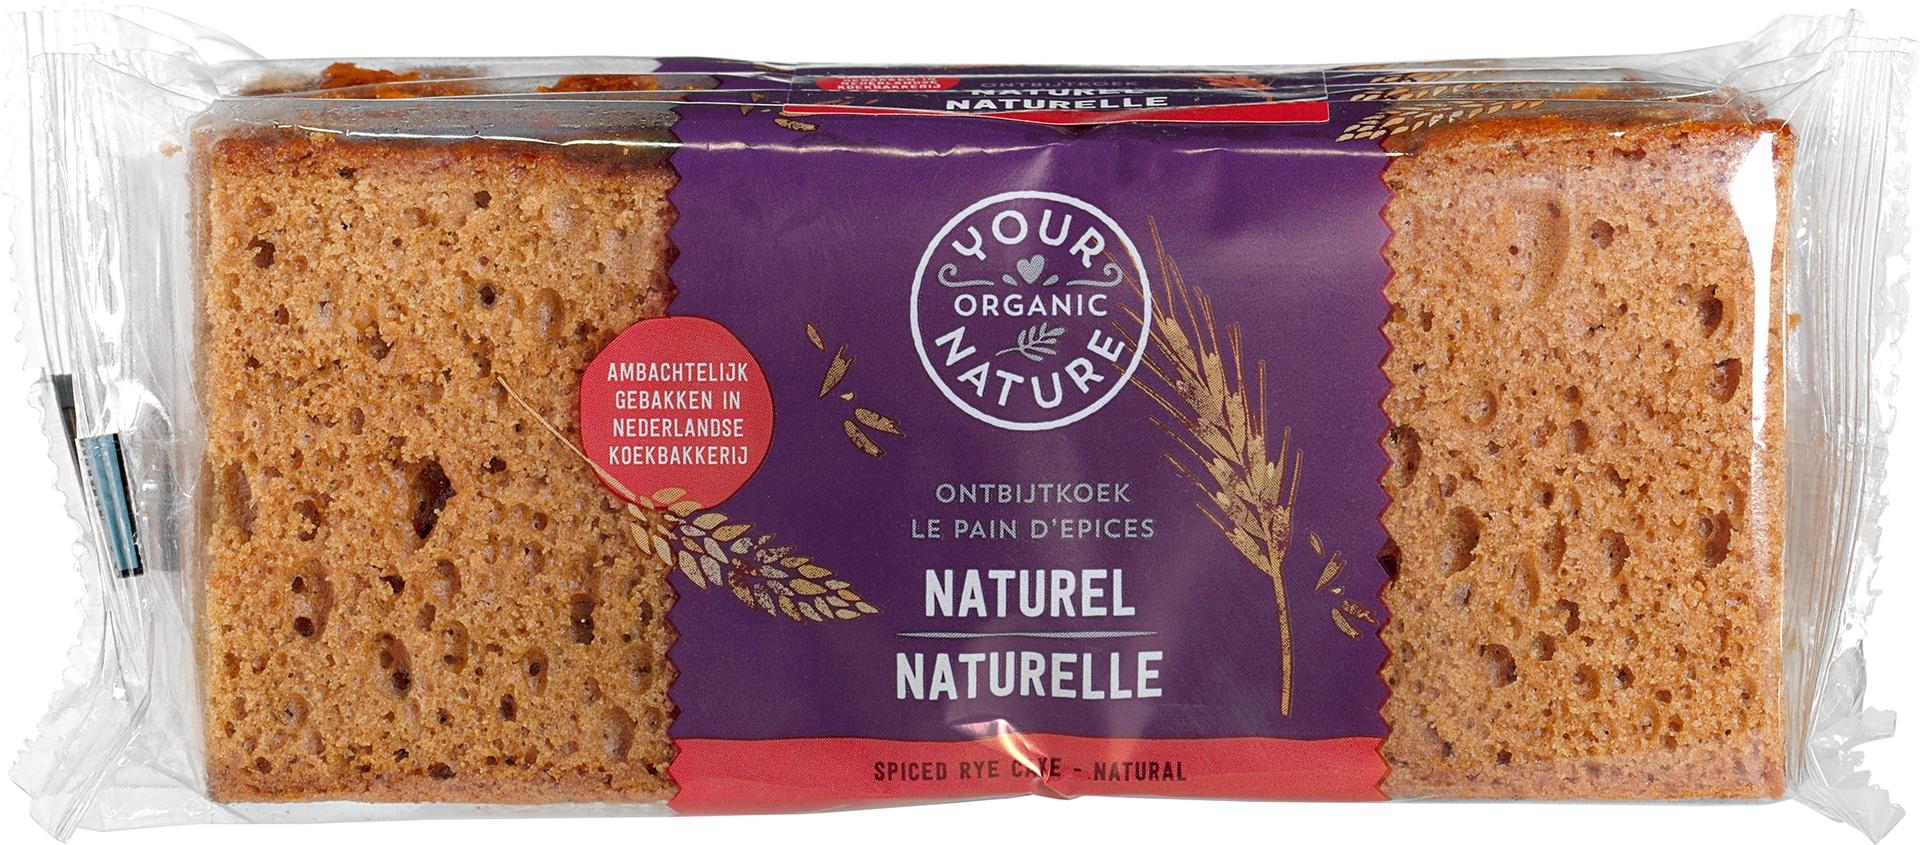 Biologische Your Organic Nature Ontbijtkoek naturel 275 gr